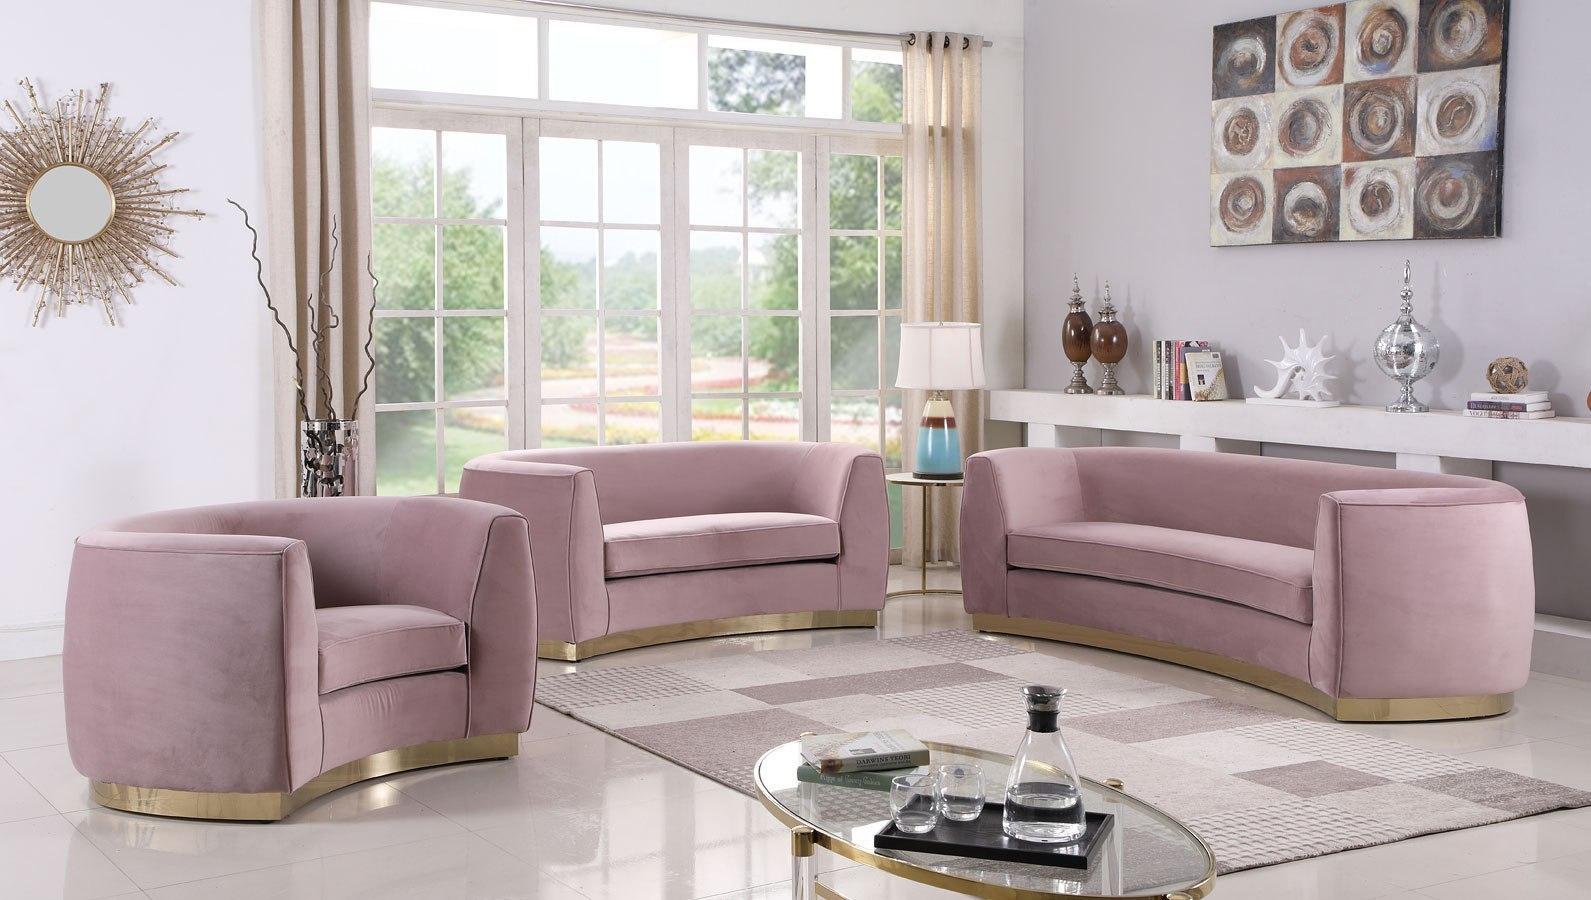 Julian Living Room Set (Pink/ Gold)